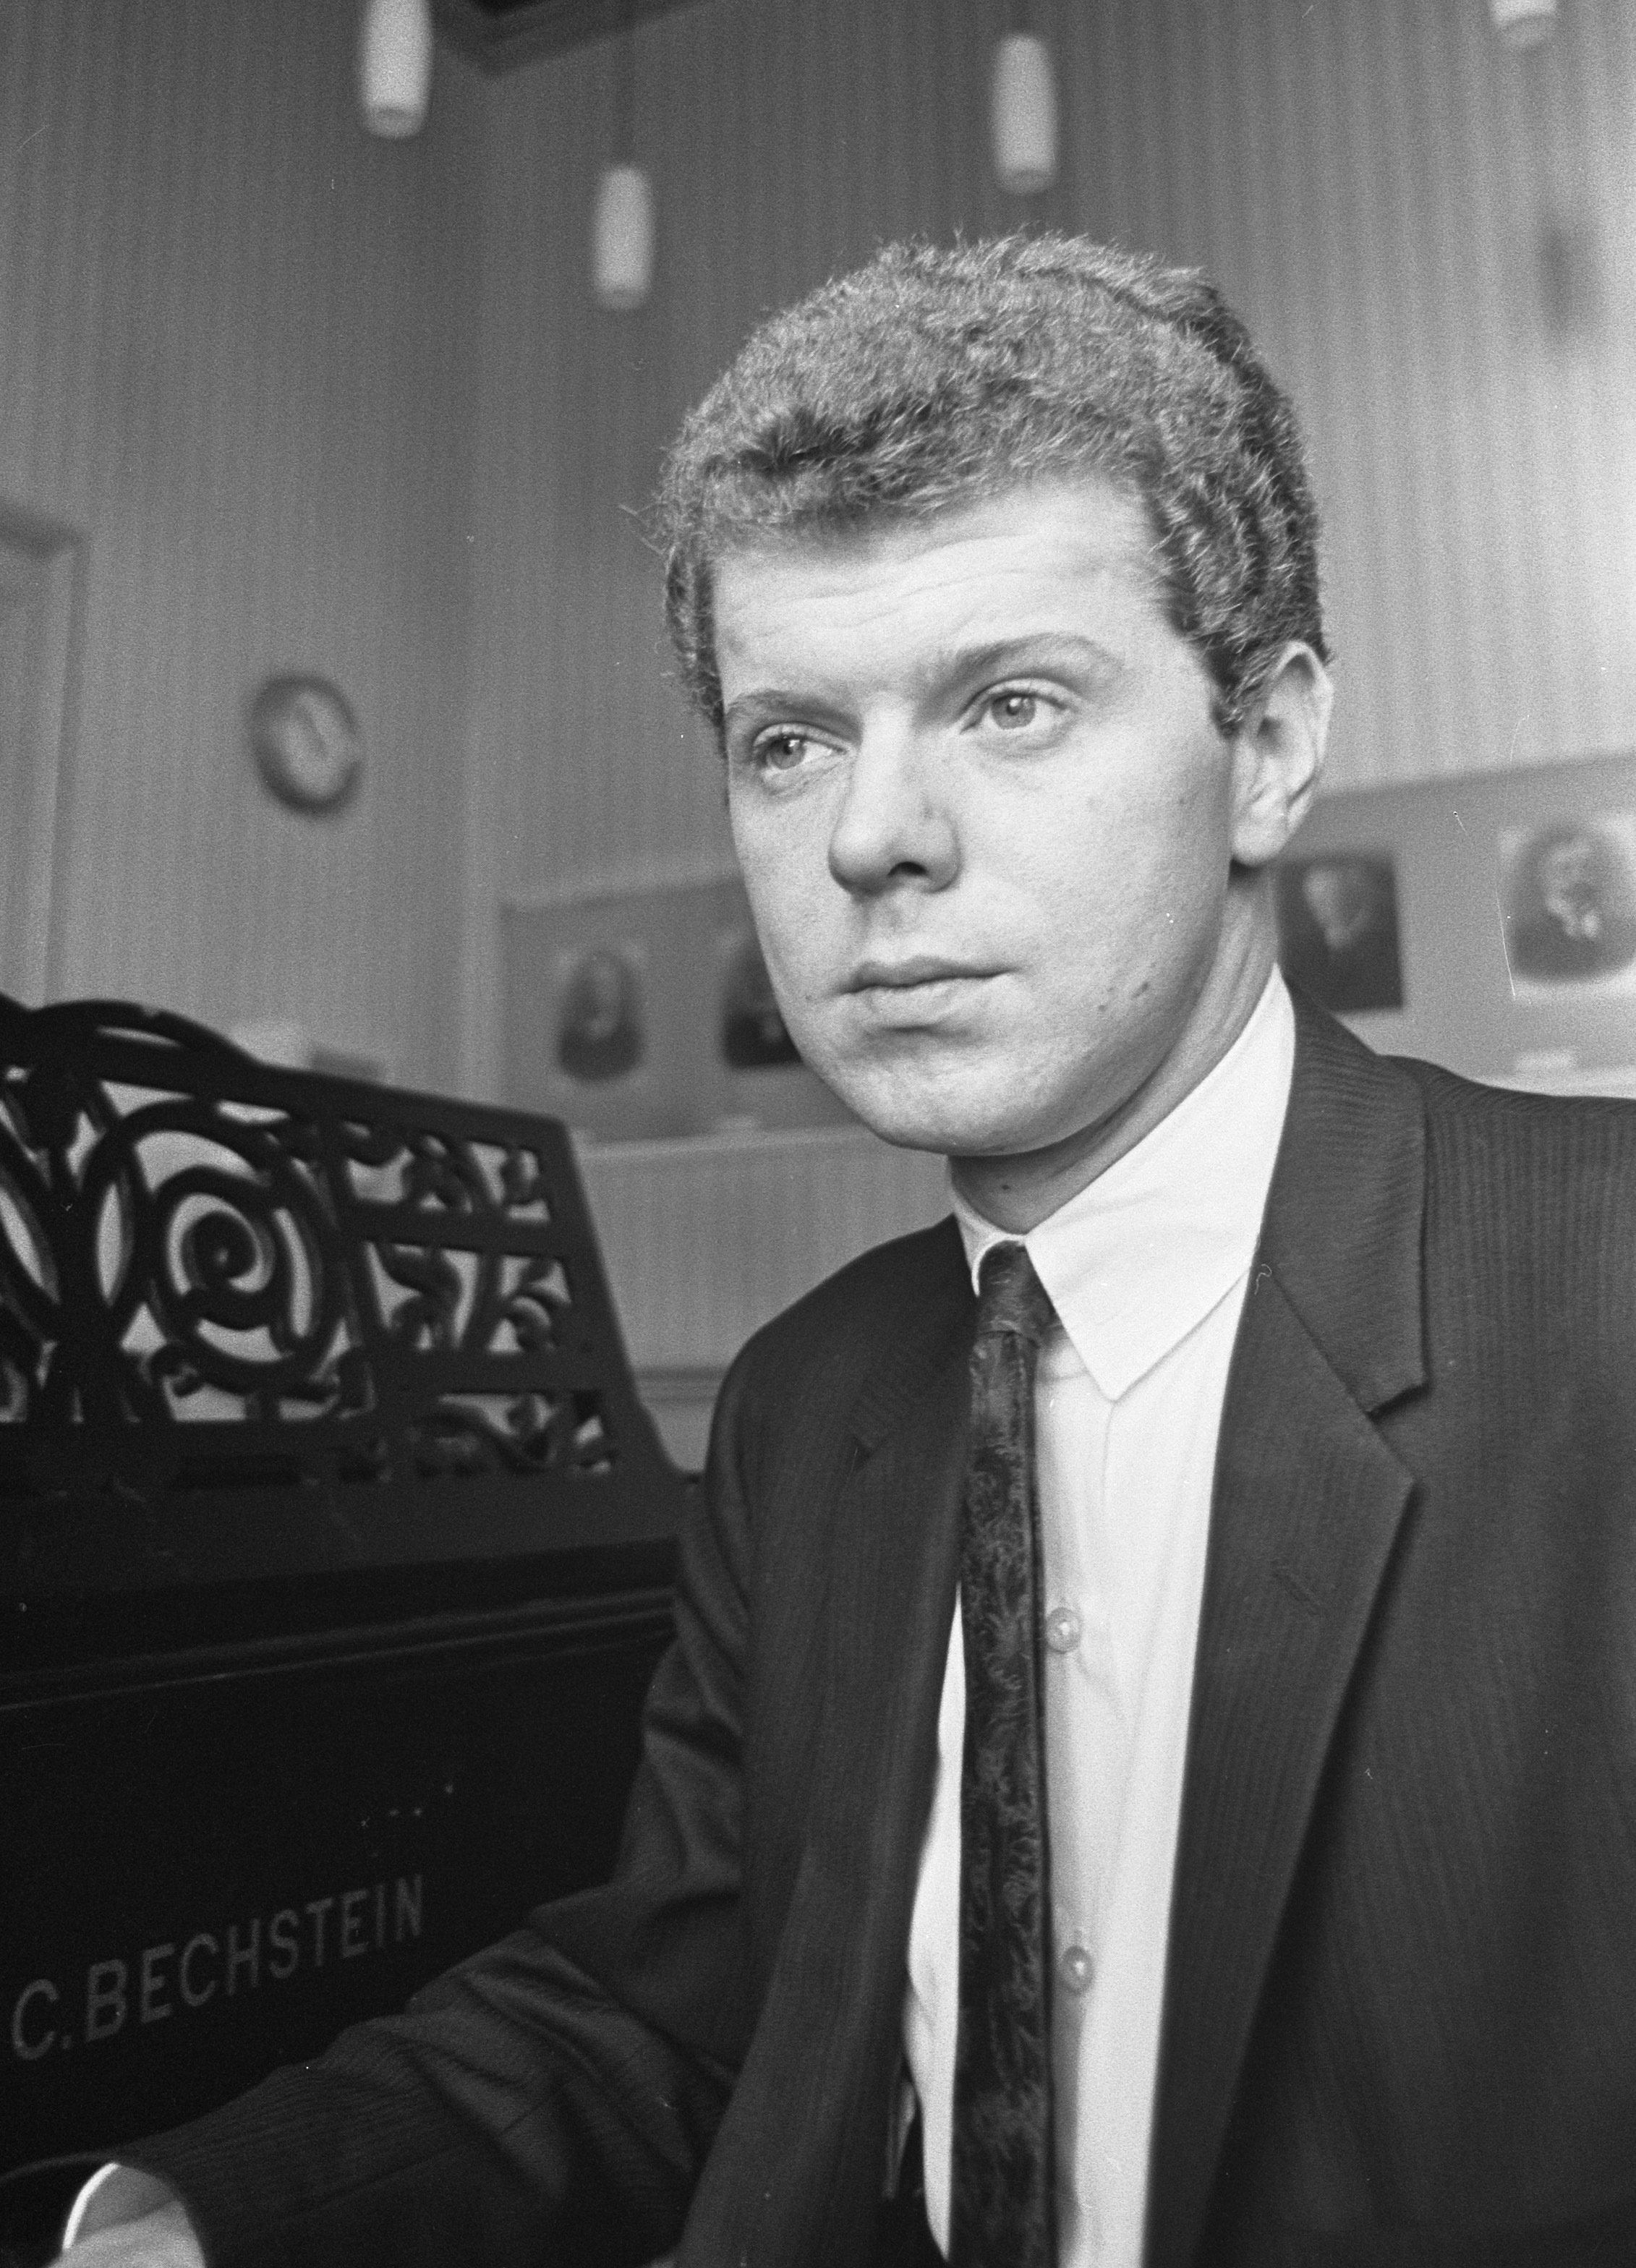 Van Cliburn, 1966